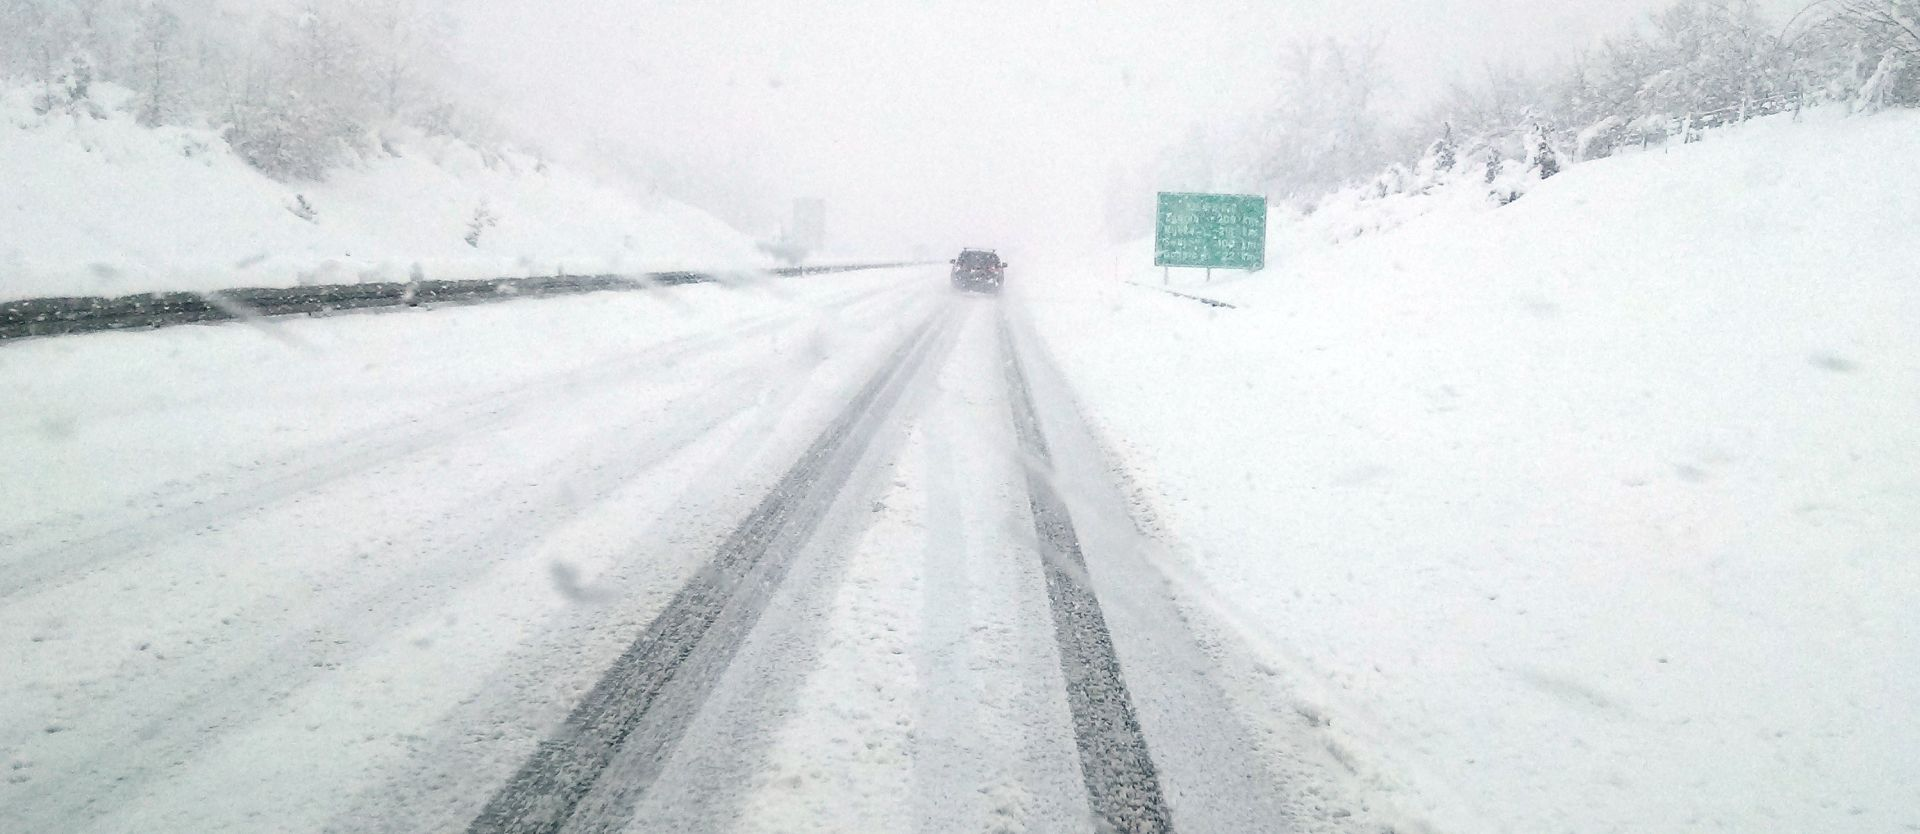 Lika pod snijegom, Gospić ostao bez struje